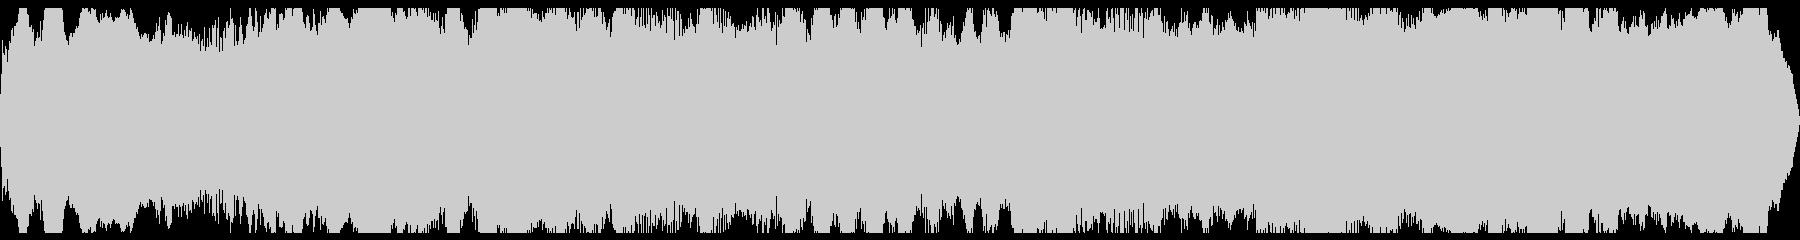 スペースフィード、フィードバック、...の未再生の波形